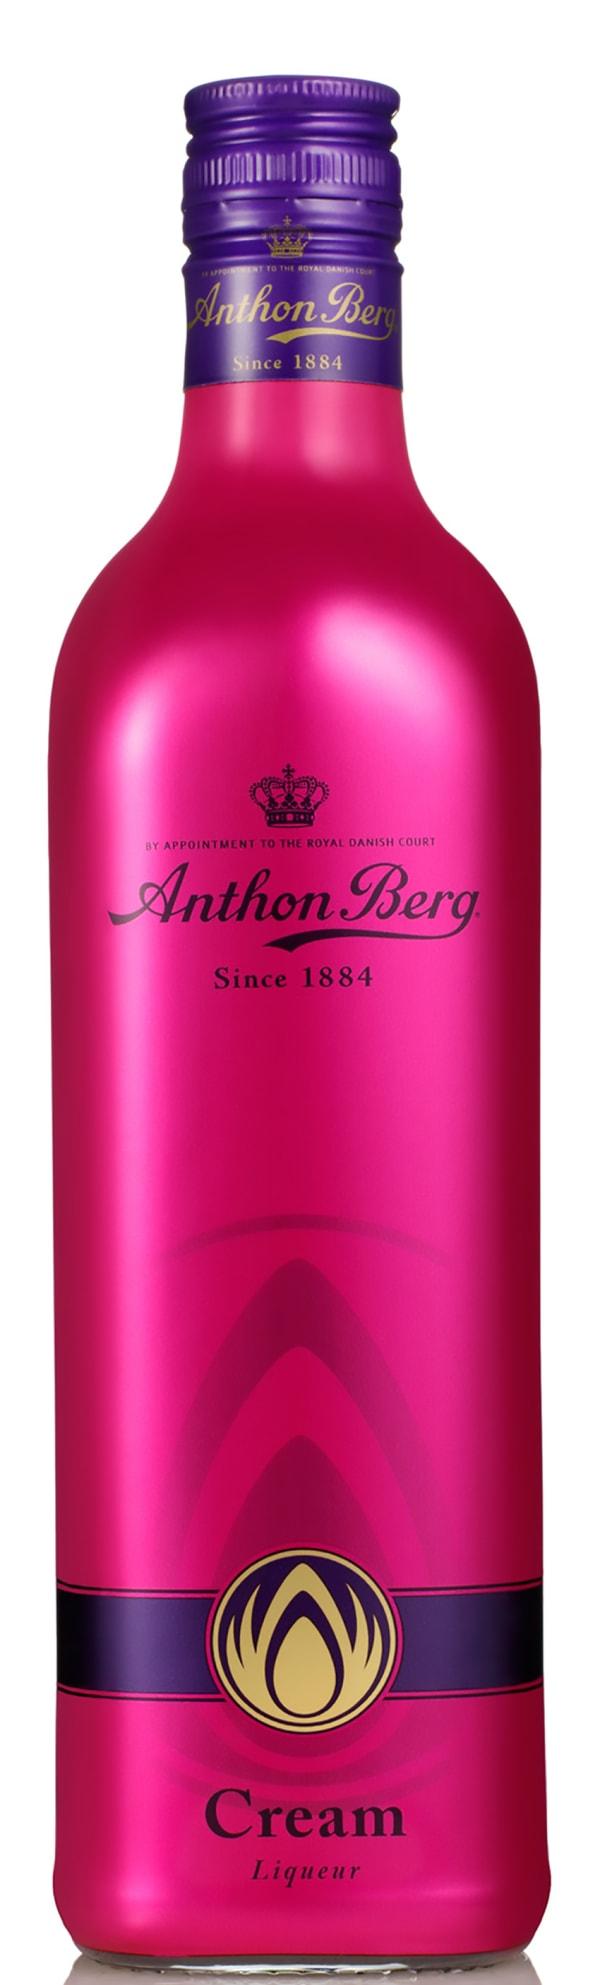 Anthon Berg Cream